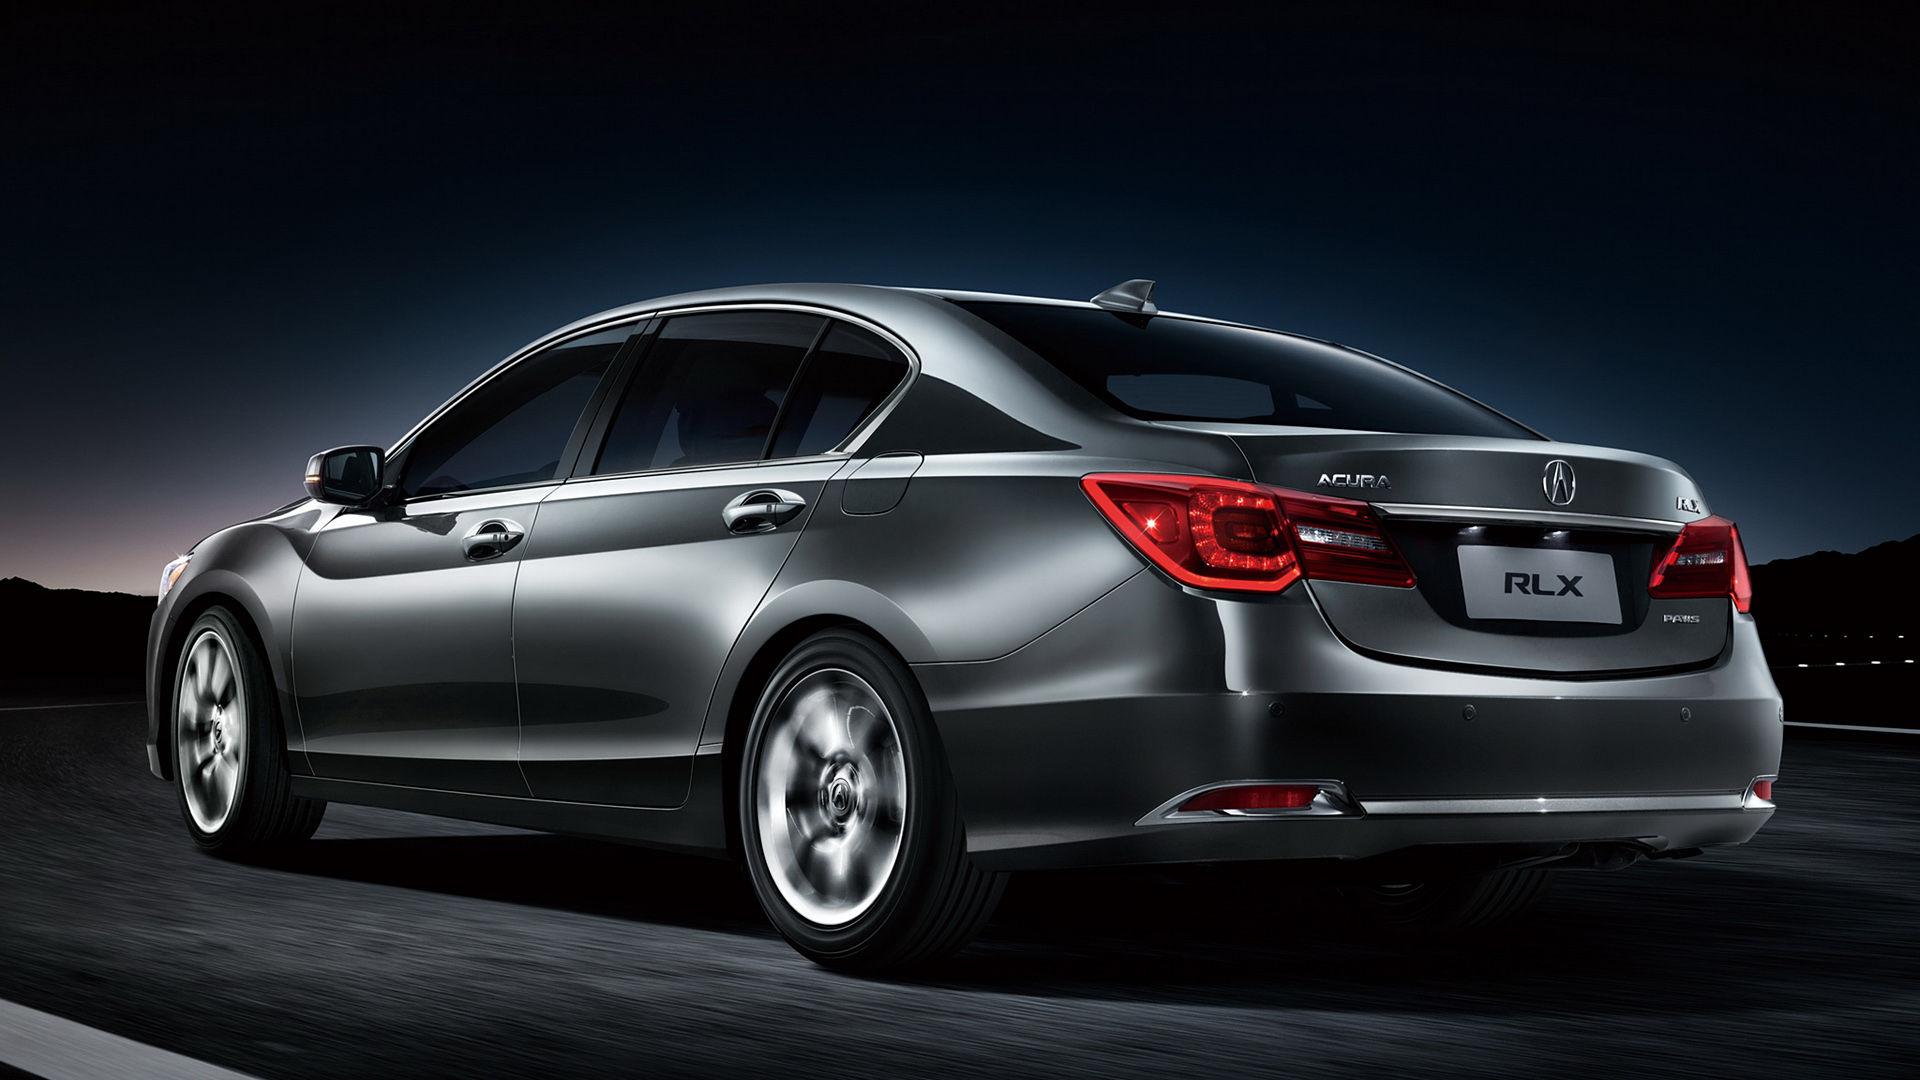 2013 Acura RLX CN-Spec